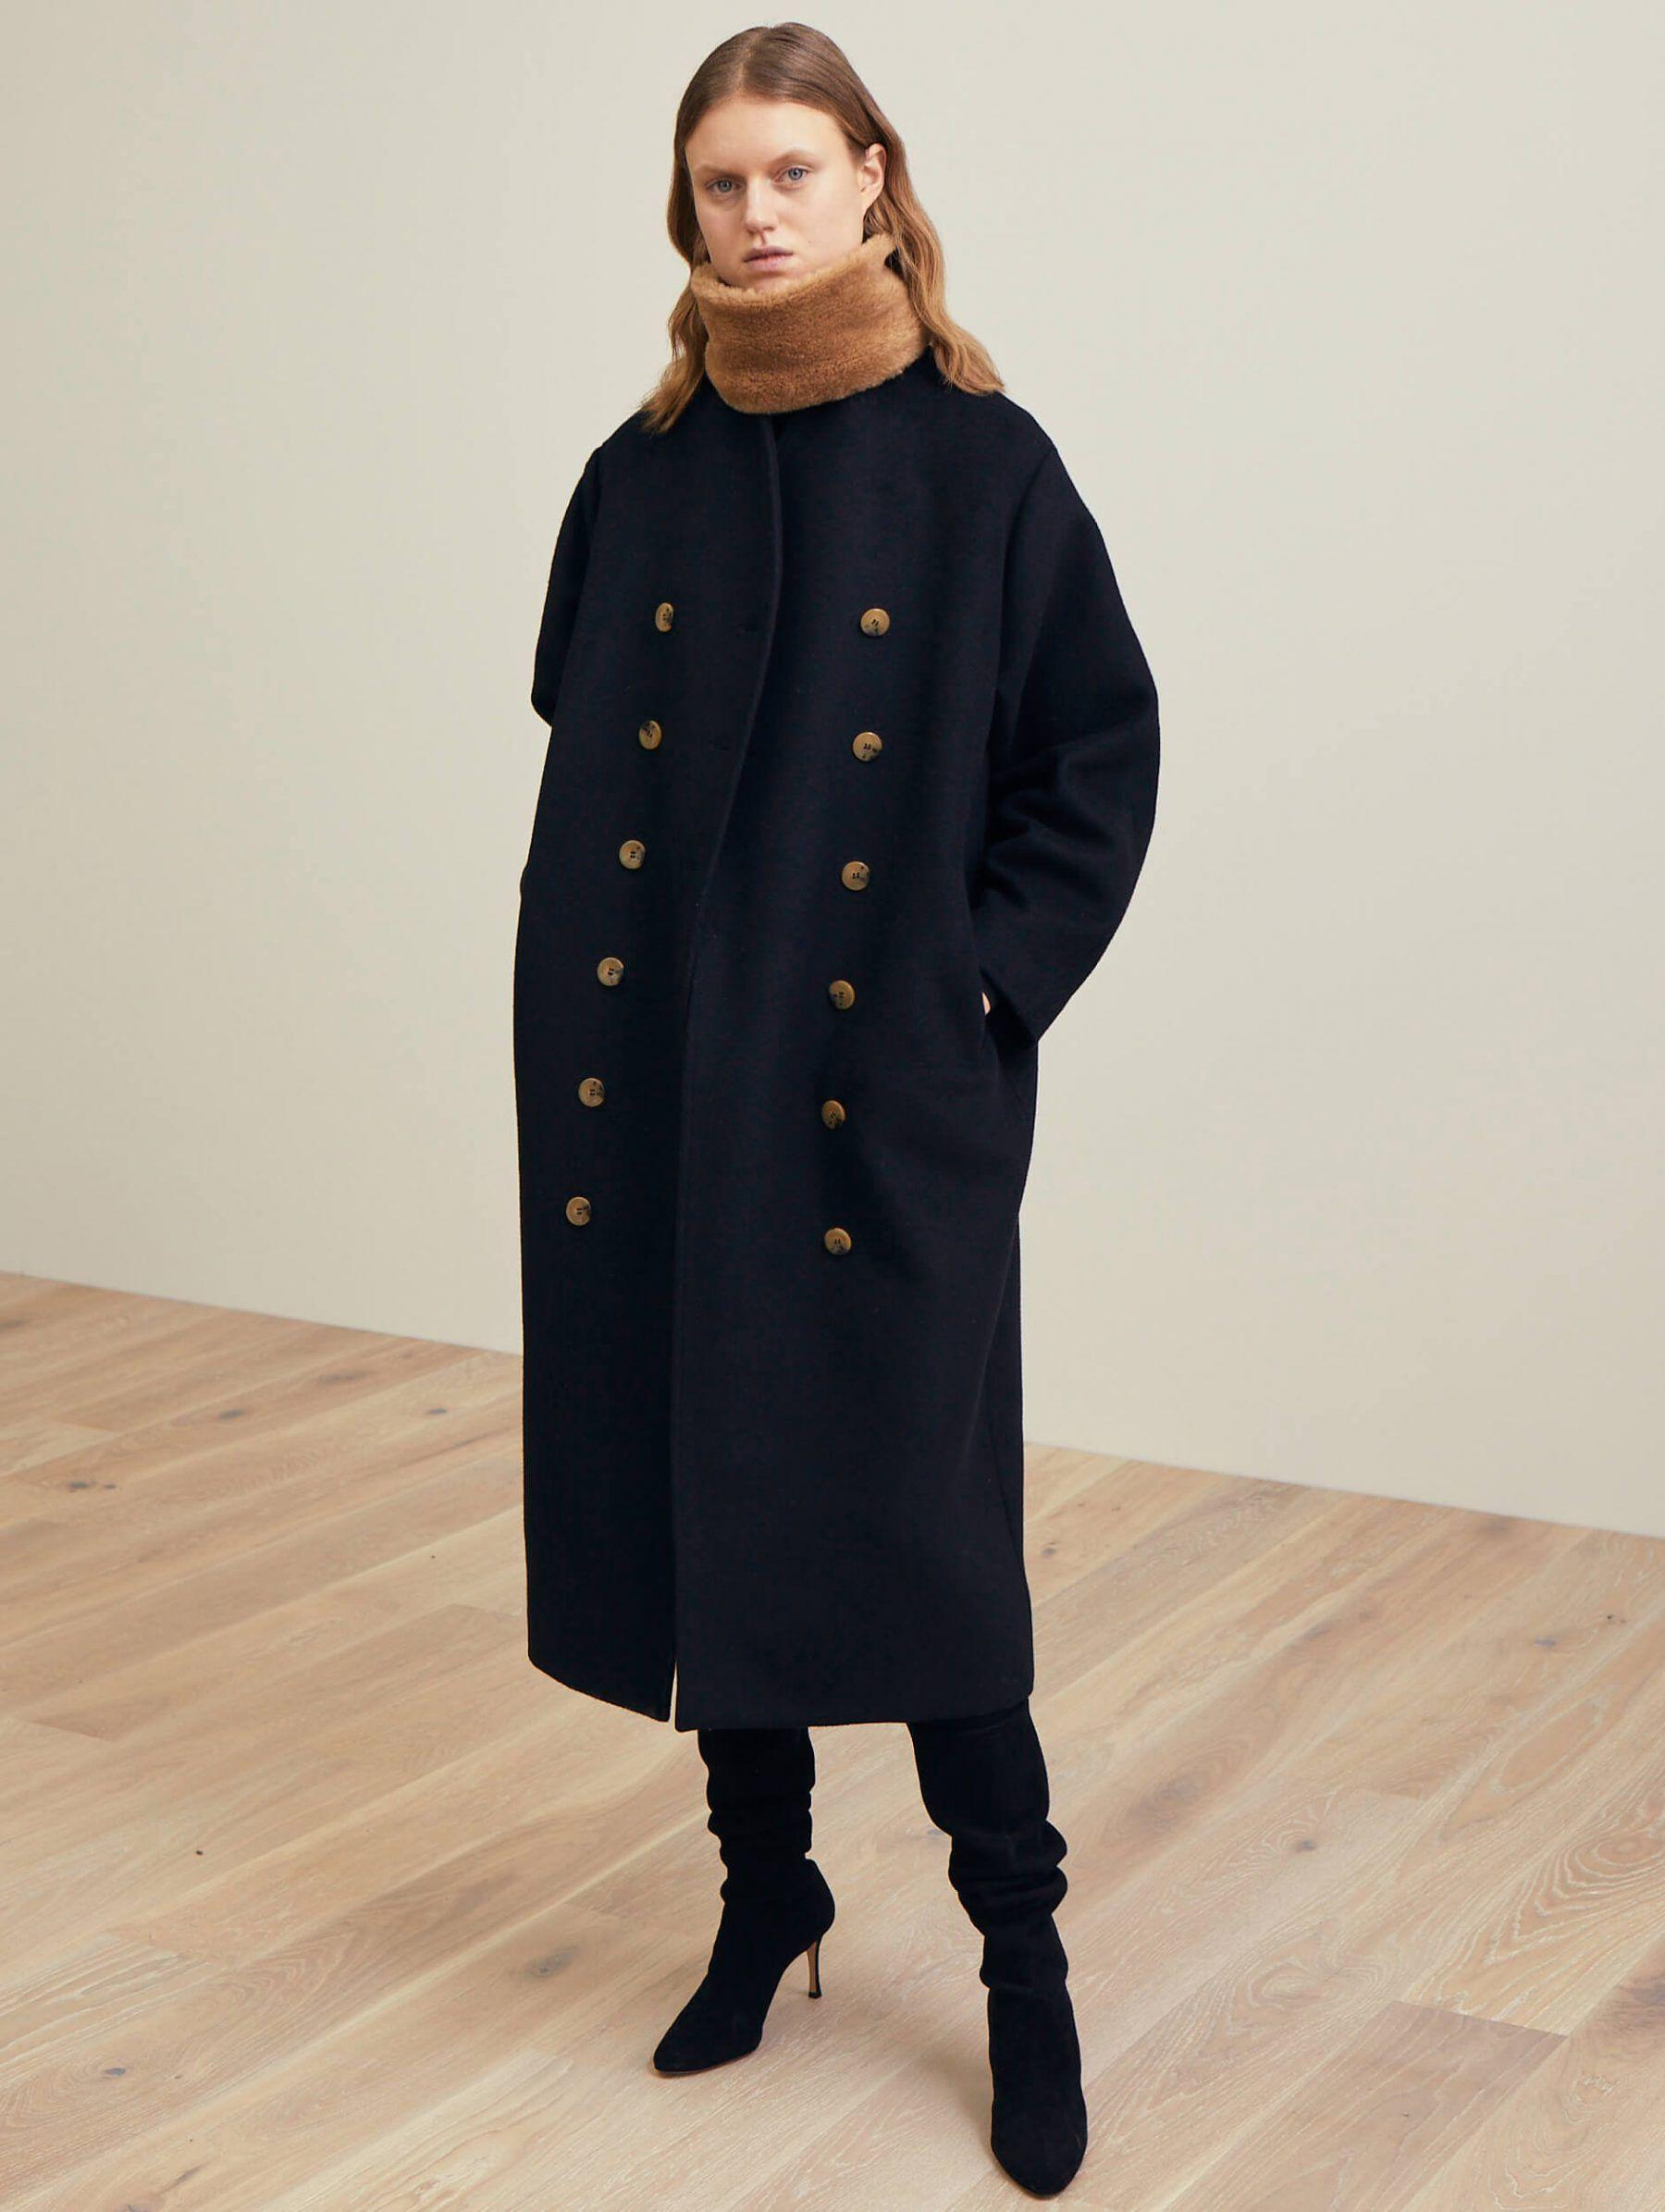 5e014b1e2366 Bergerac wool coat black in 2019   clothes   Wool coat, Clothes ...